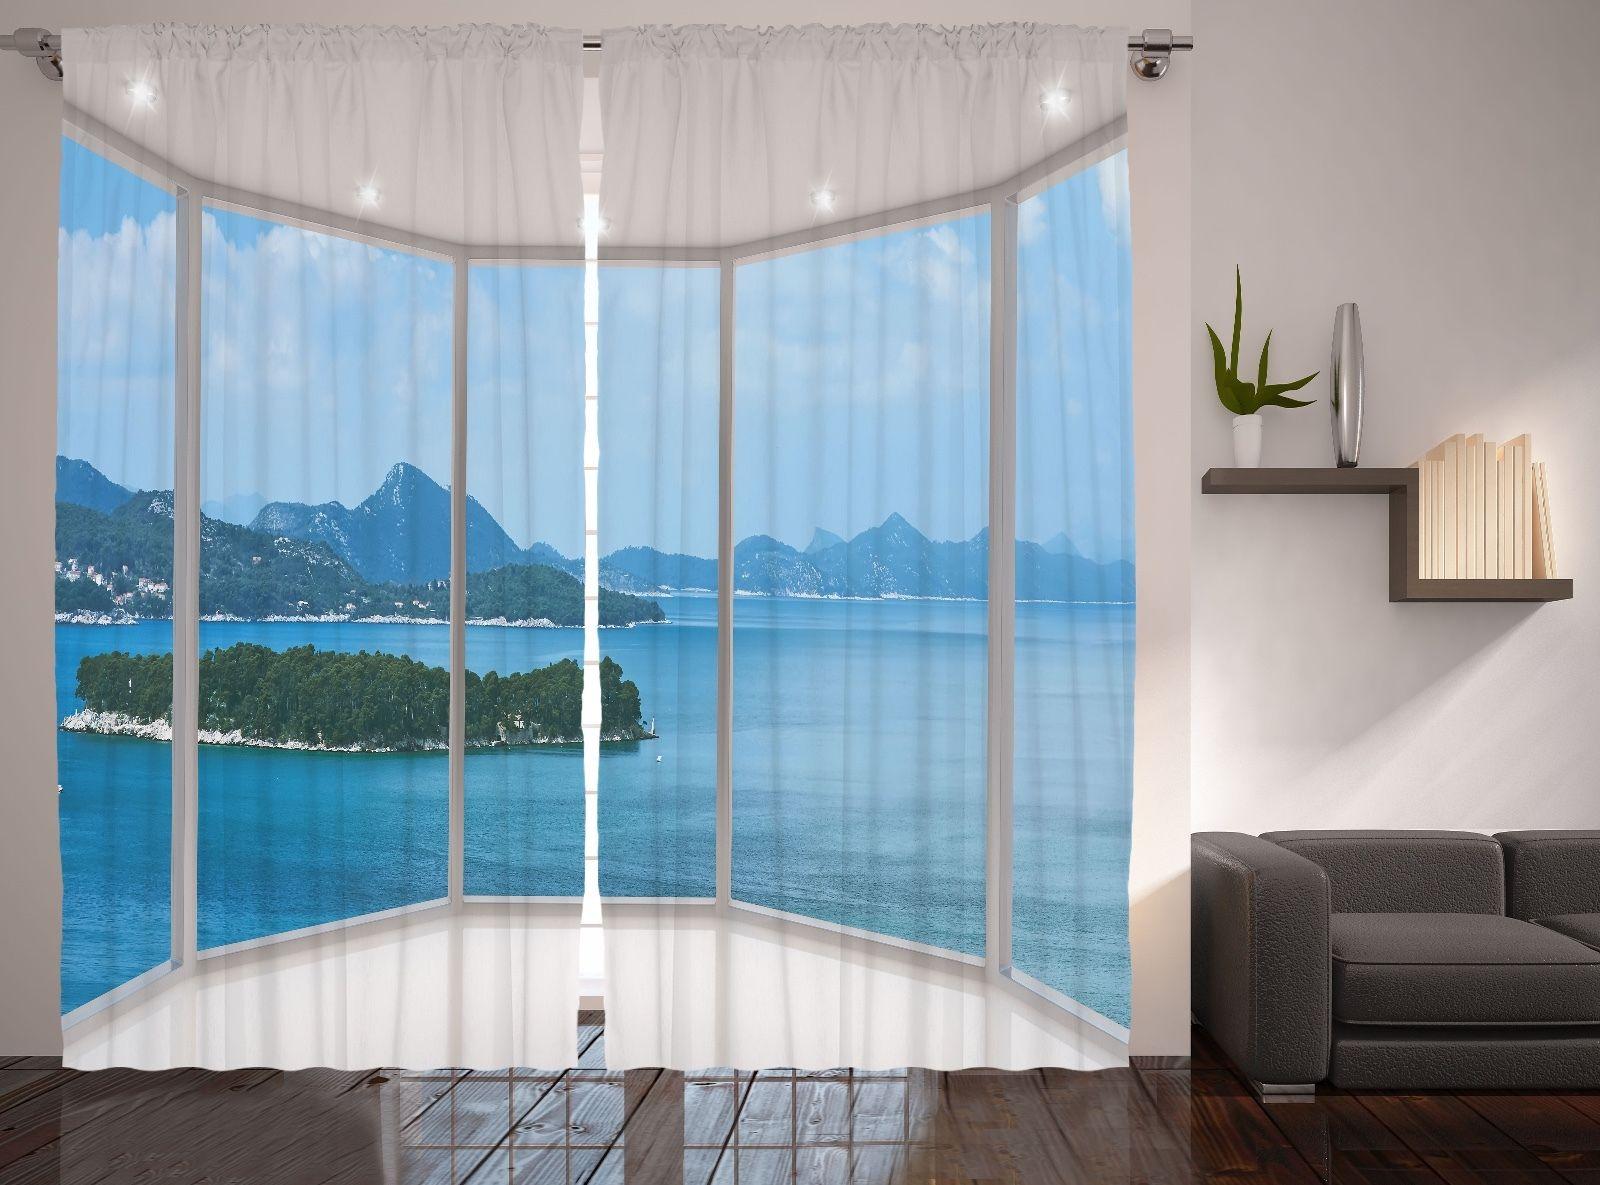 Window View Image Modern Home Decor Mediterranean Nature